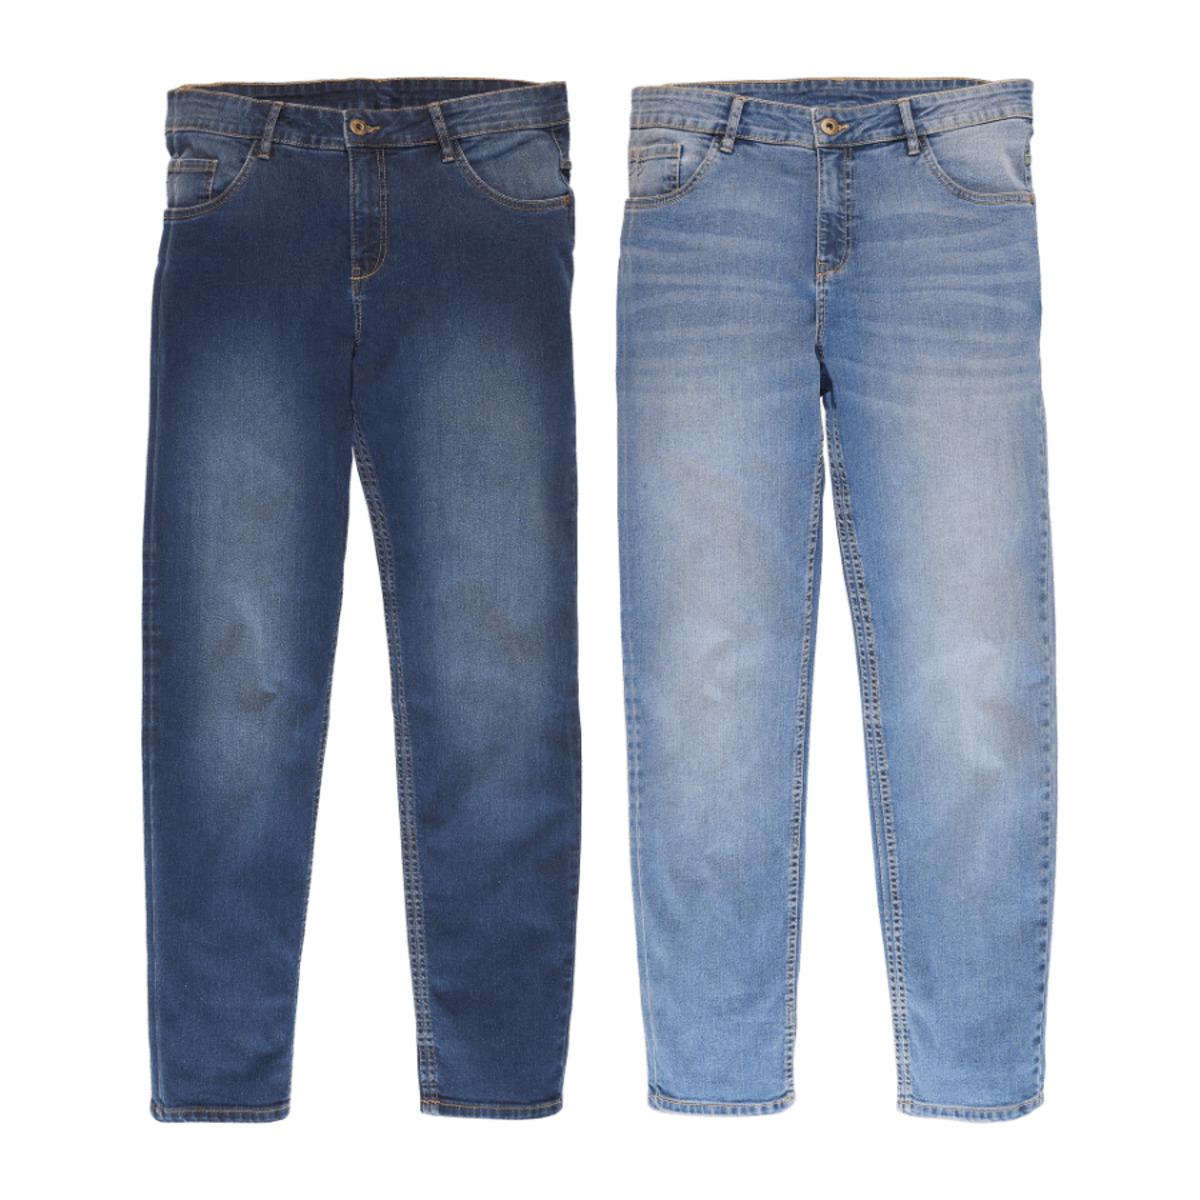 Bild 1 von UP2FASHION     Jeans